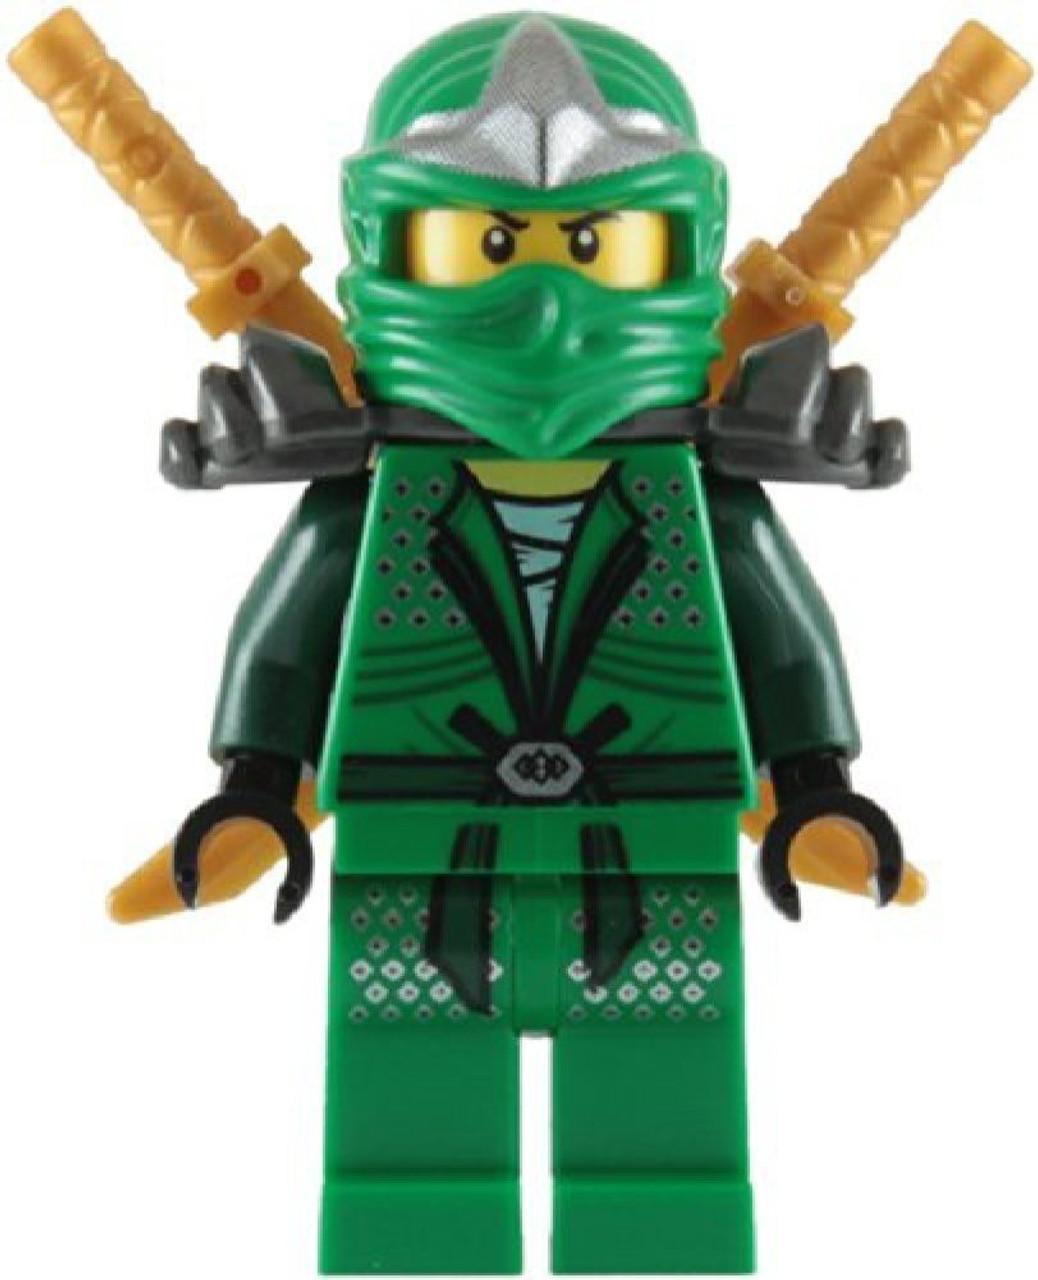 LEGO DUPLO GESICHT RUMPEL BOB DER MEISTER aus 3296 TÜRKIS AUFSATZ 3437 52065